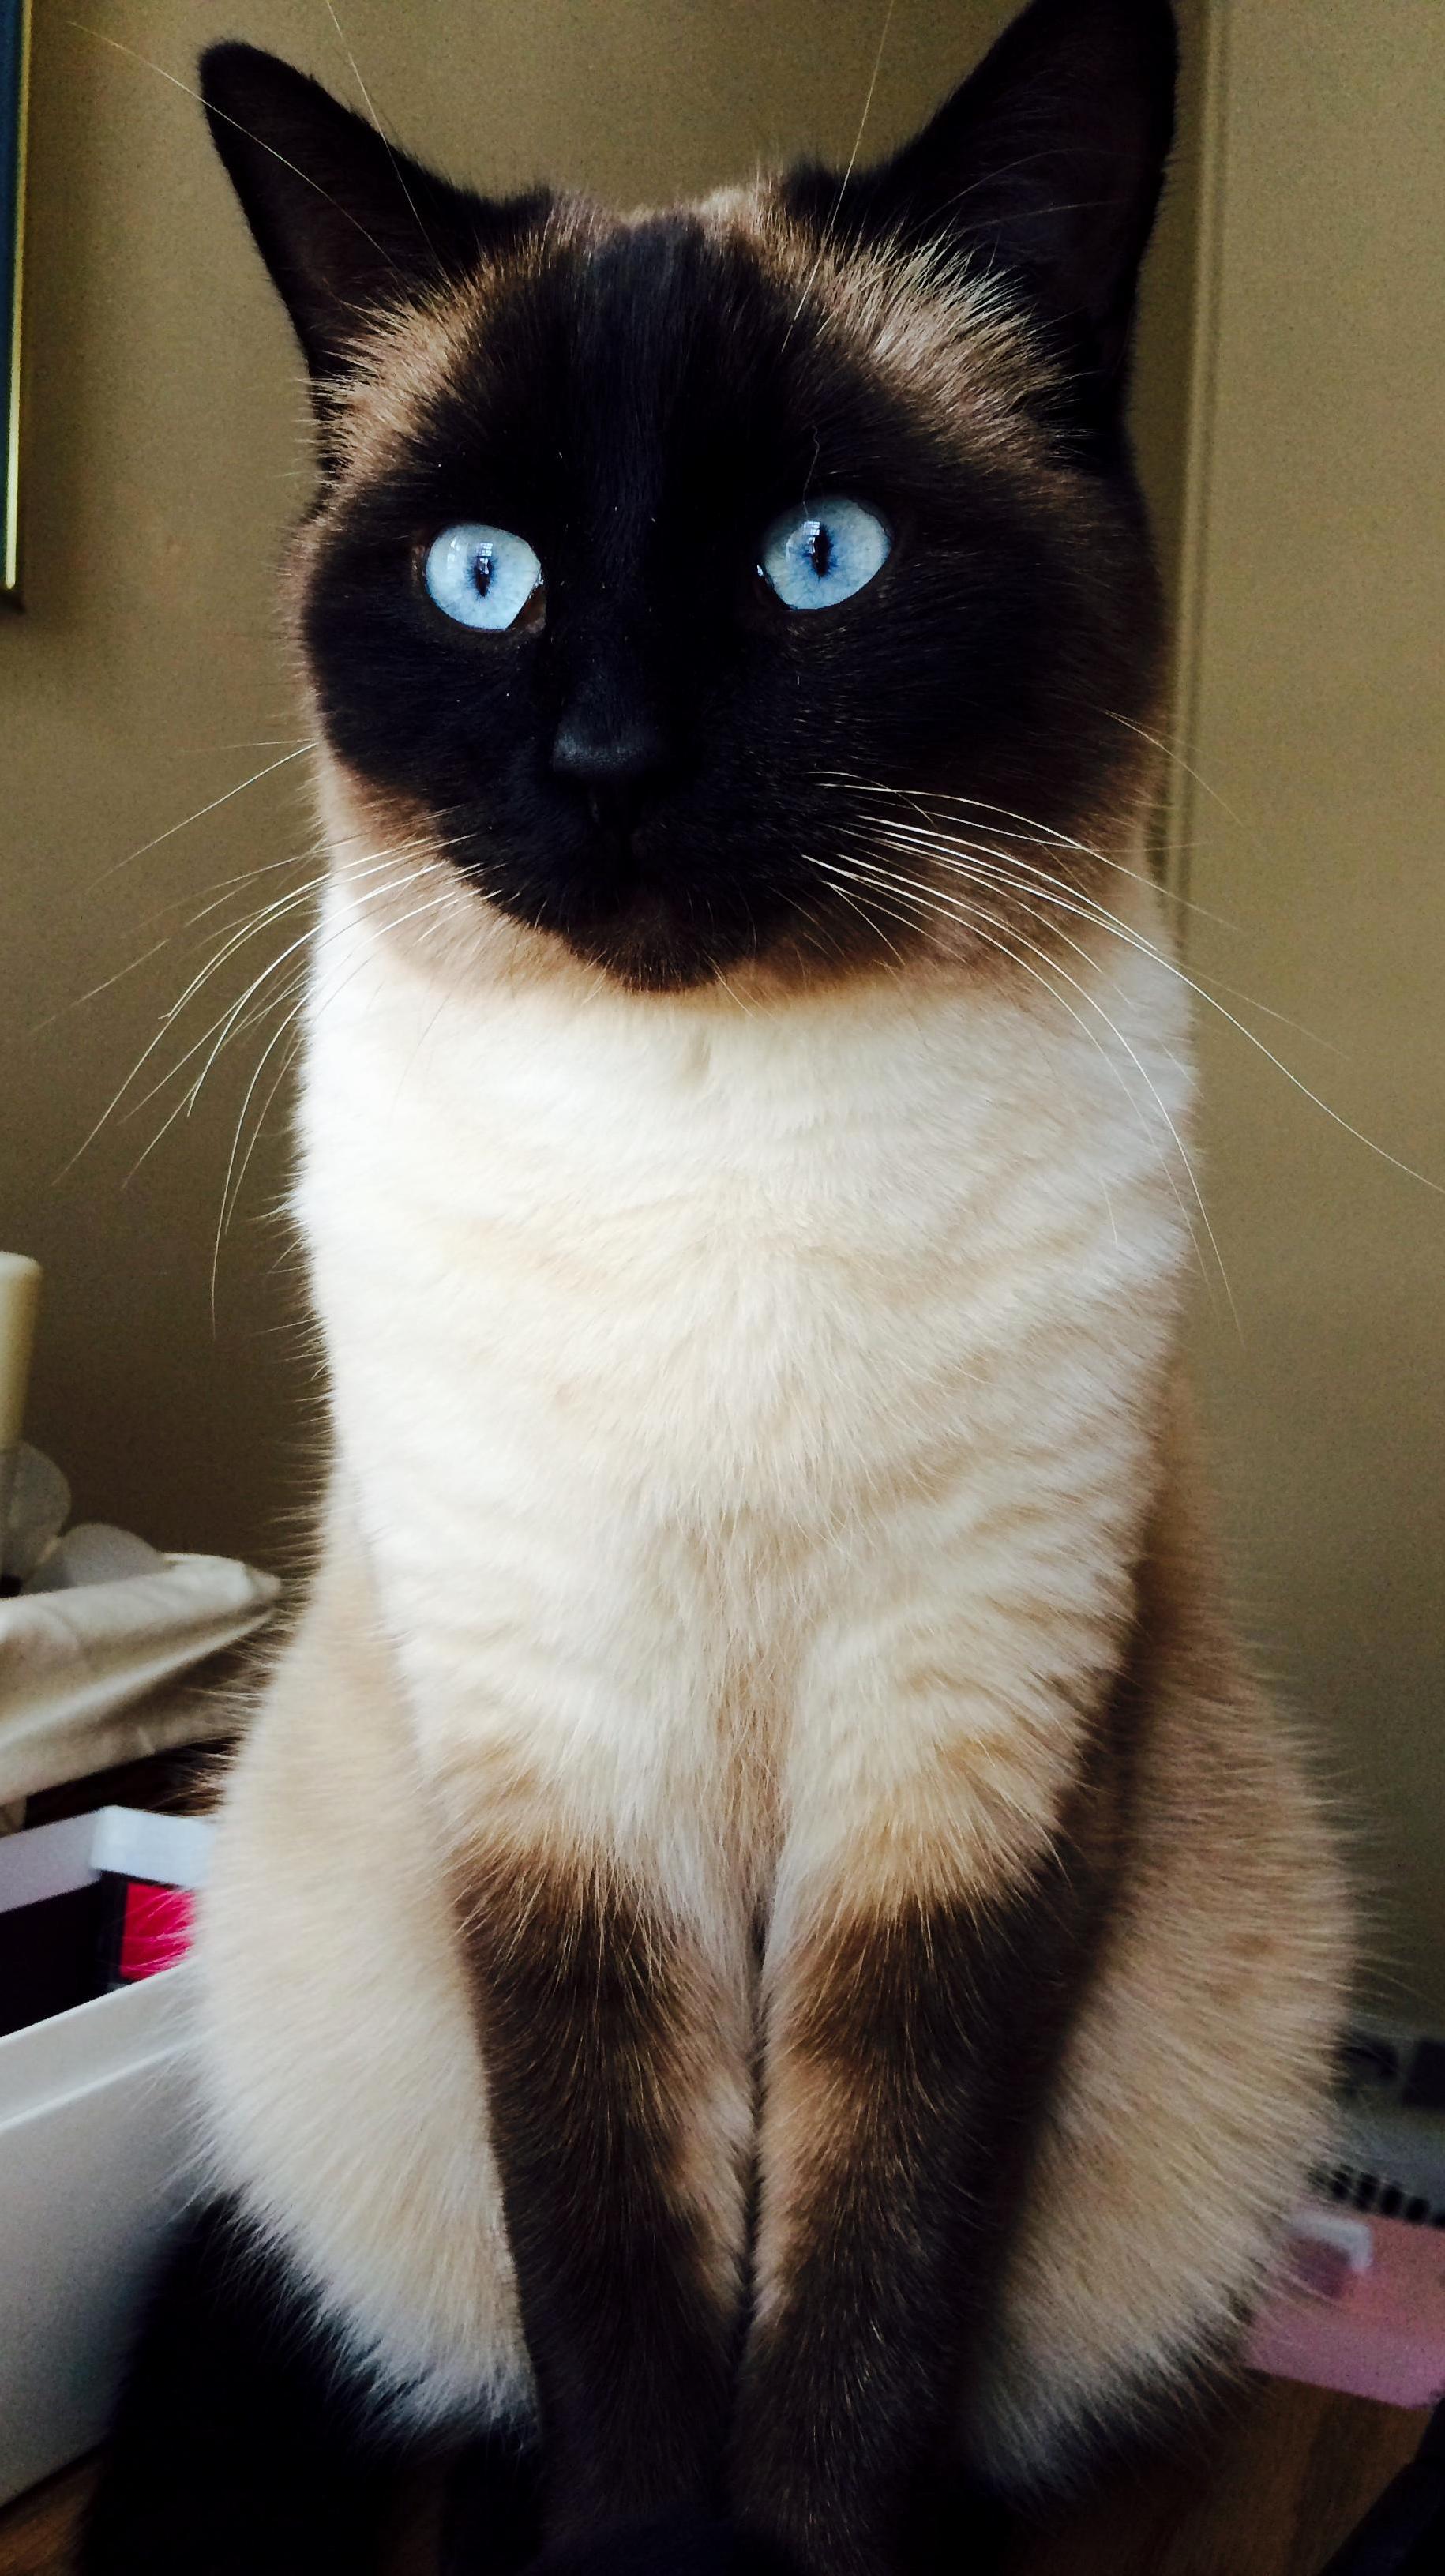 Snoop catt doing what snoop catt does best staring blankly